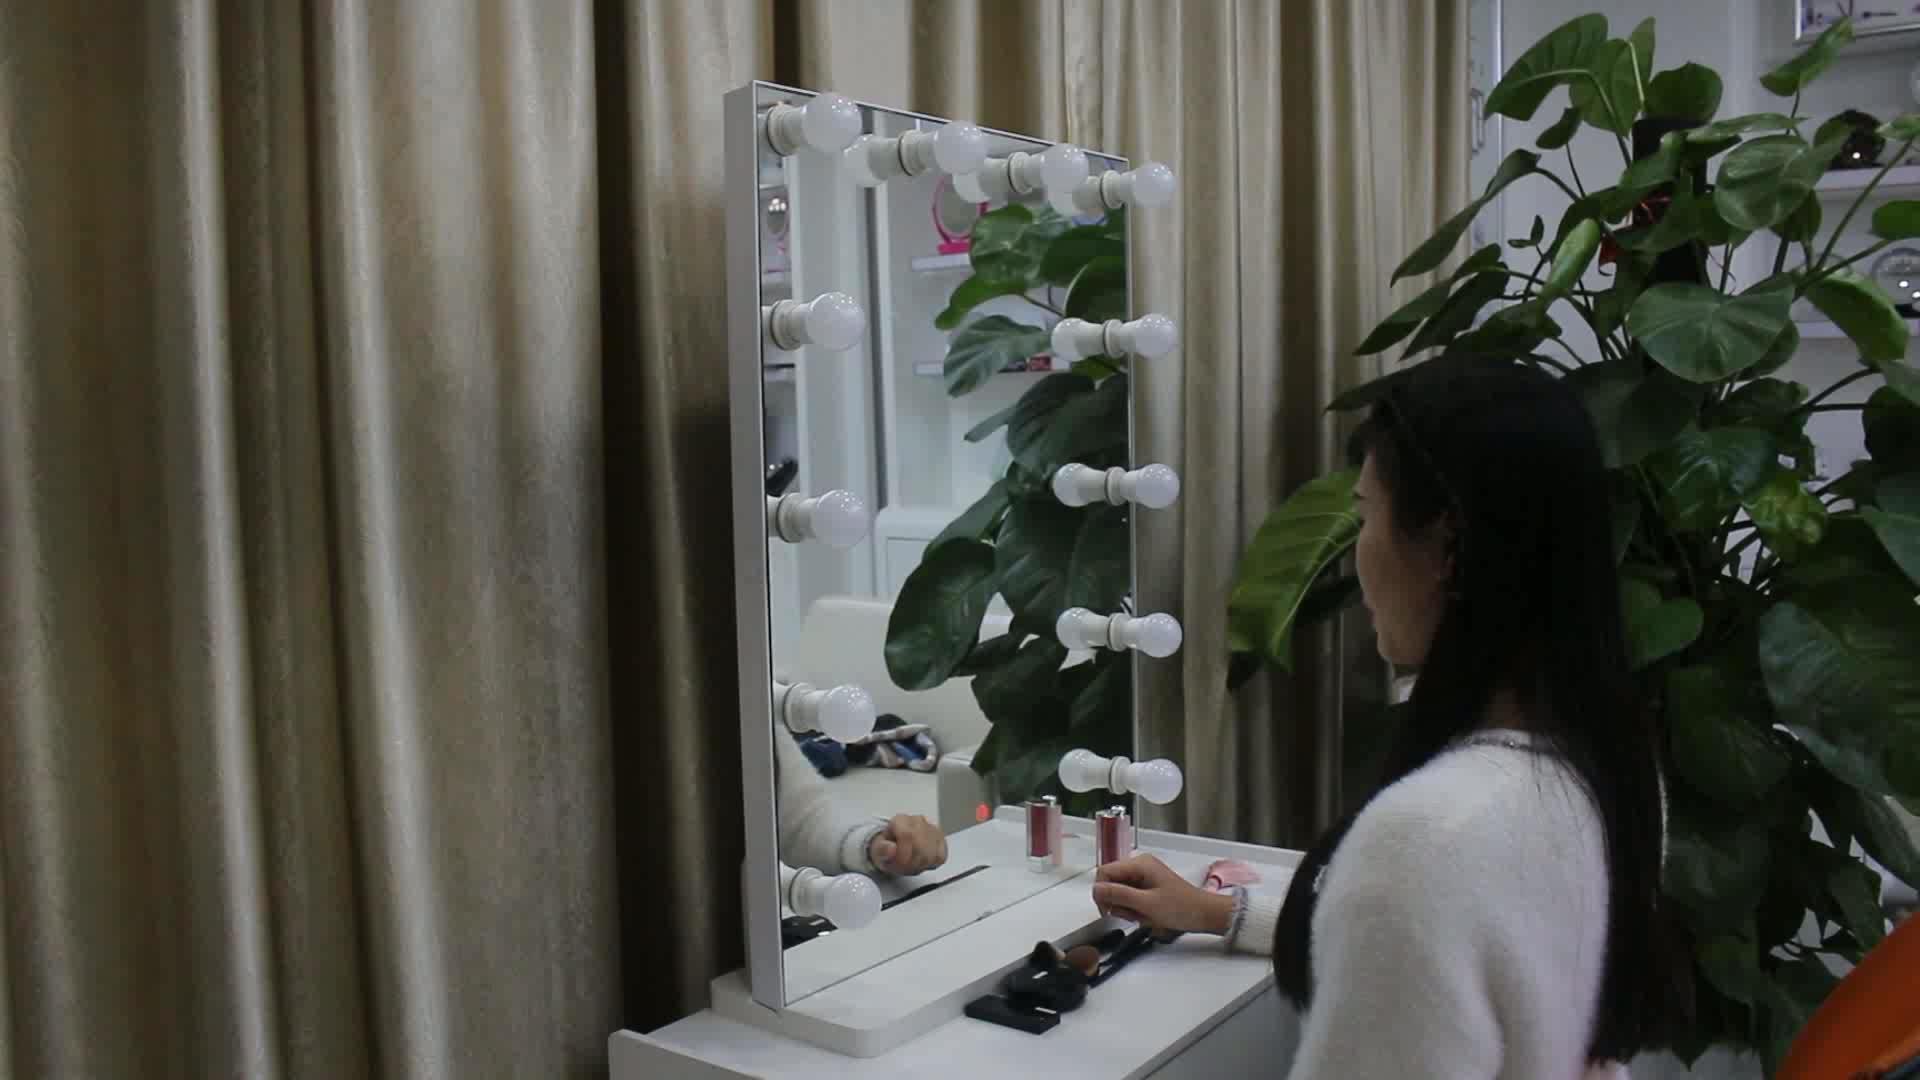 Capelli salone di barbiere specchio musica funzione di specchio per il trucco specchio calda ha condotto le lampadine